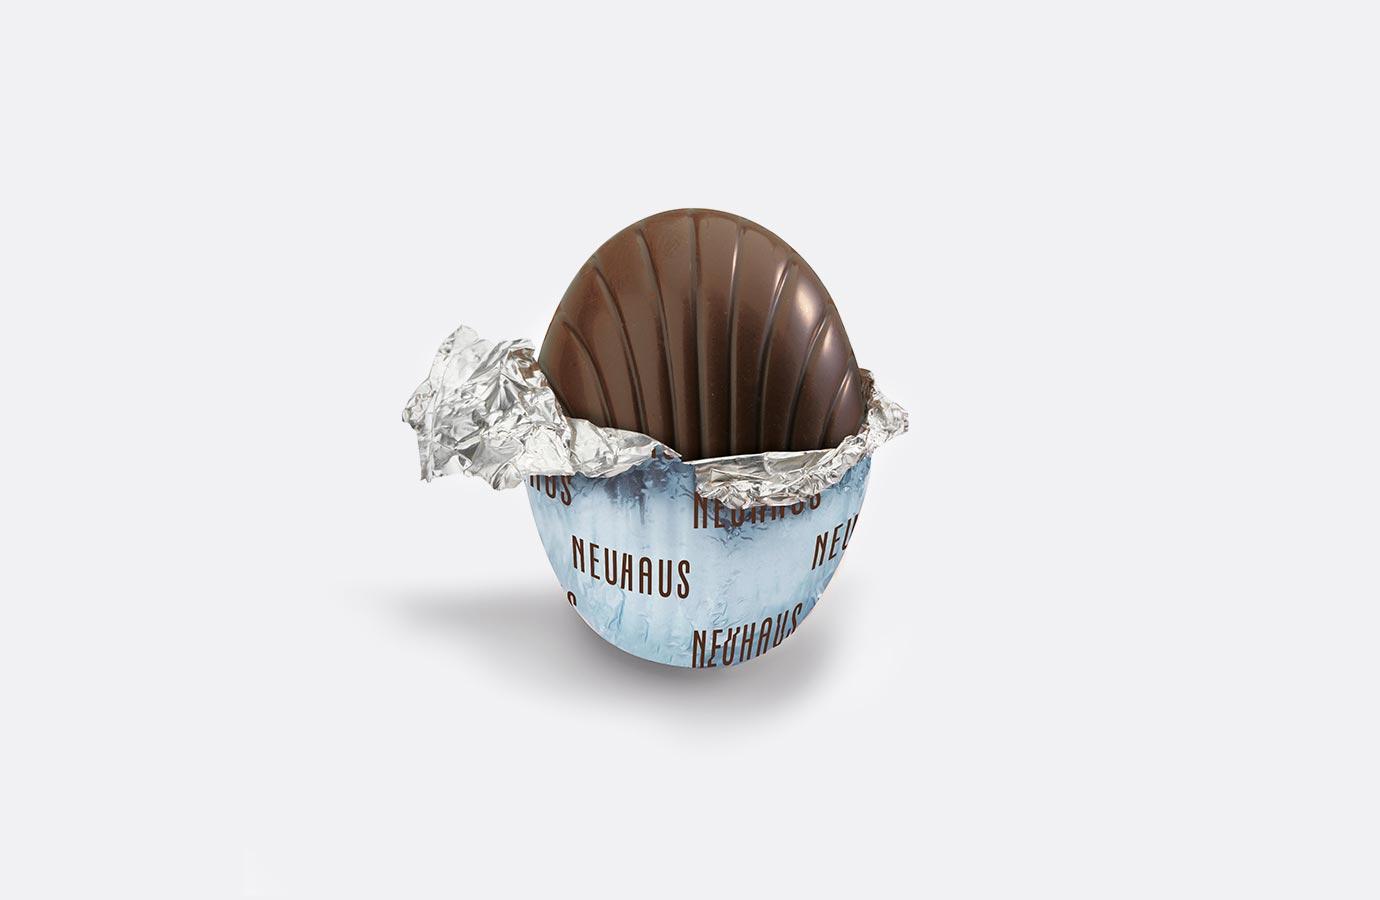 emballage aluminium pour oeufs de Pâques au chocolat noir de Neuhaus, collection printemps